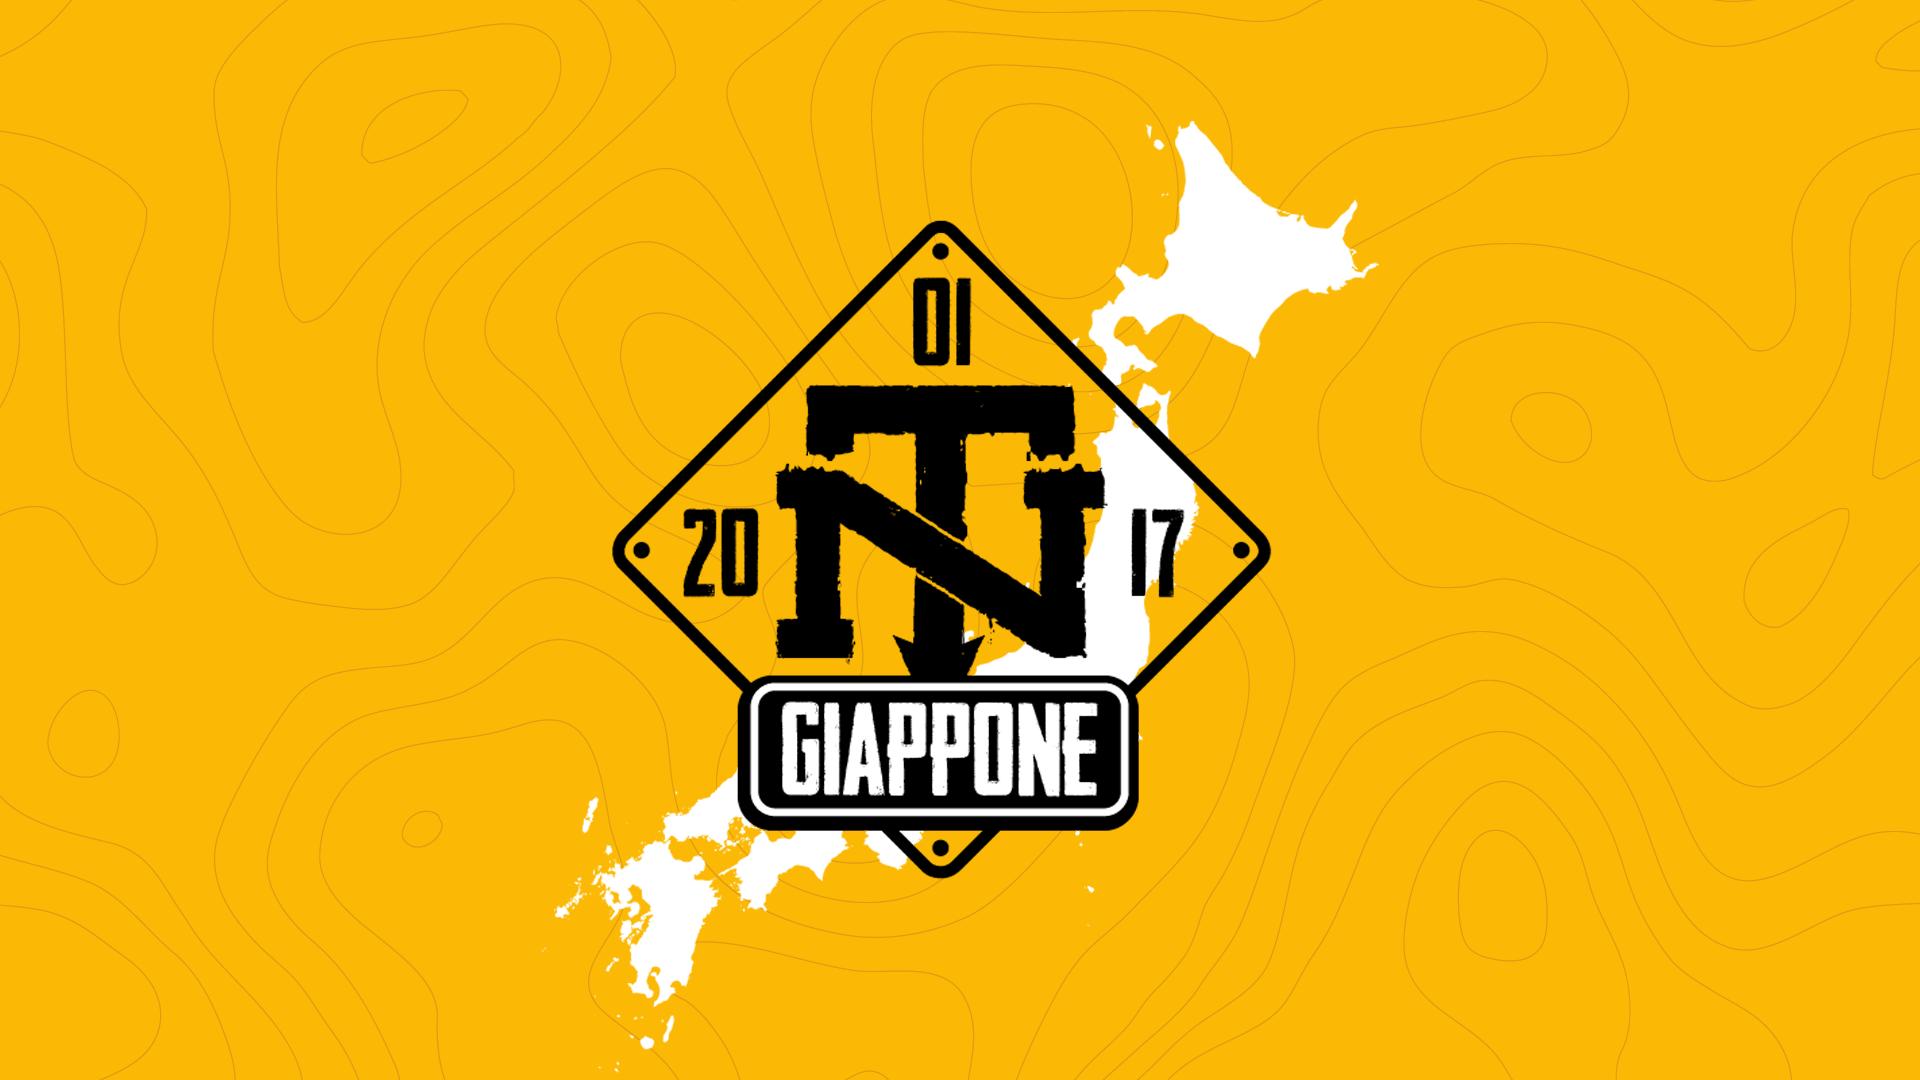 NerdTrip: In Giappone con Lega Nerd!